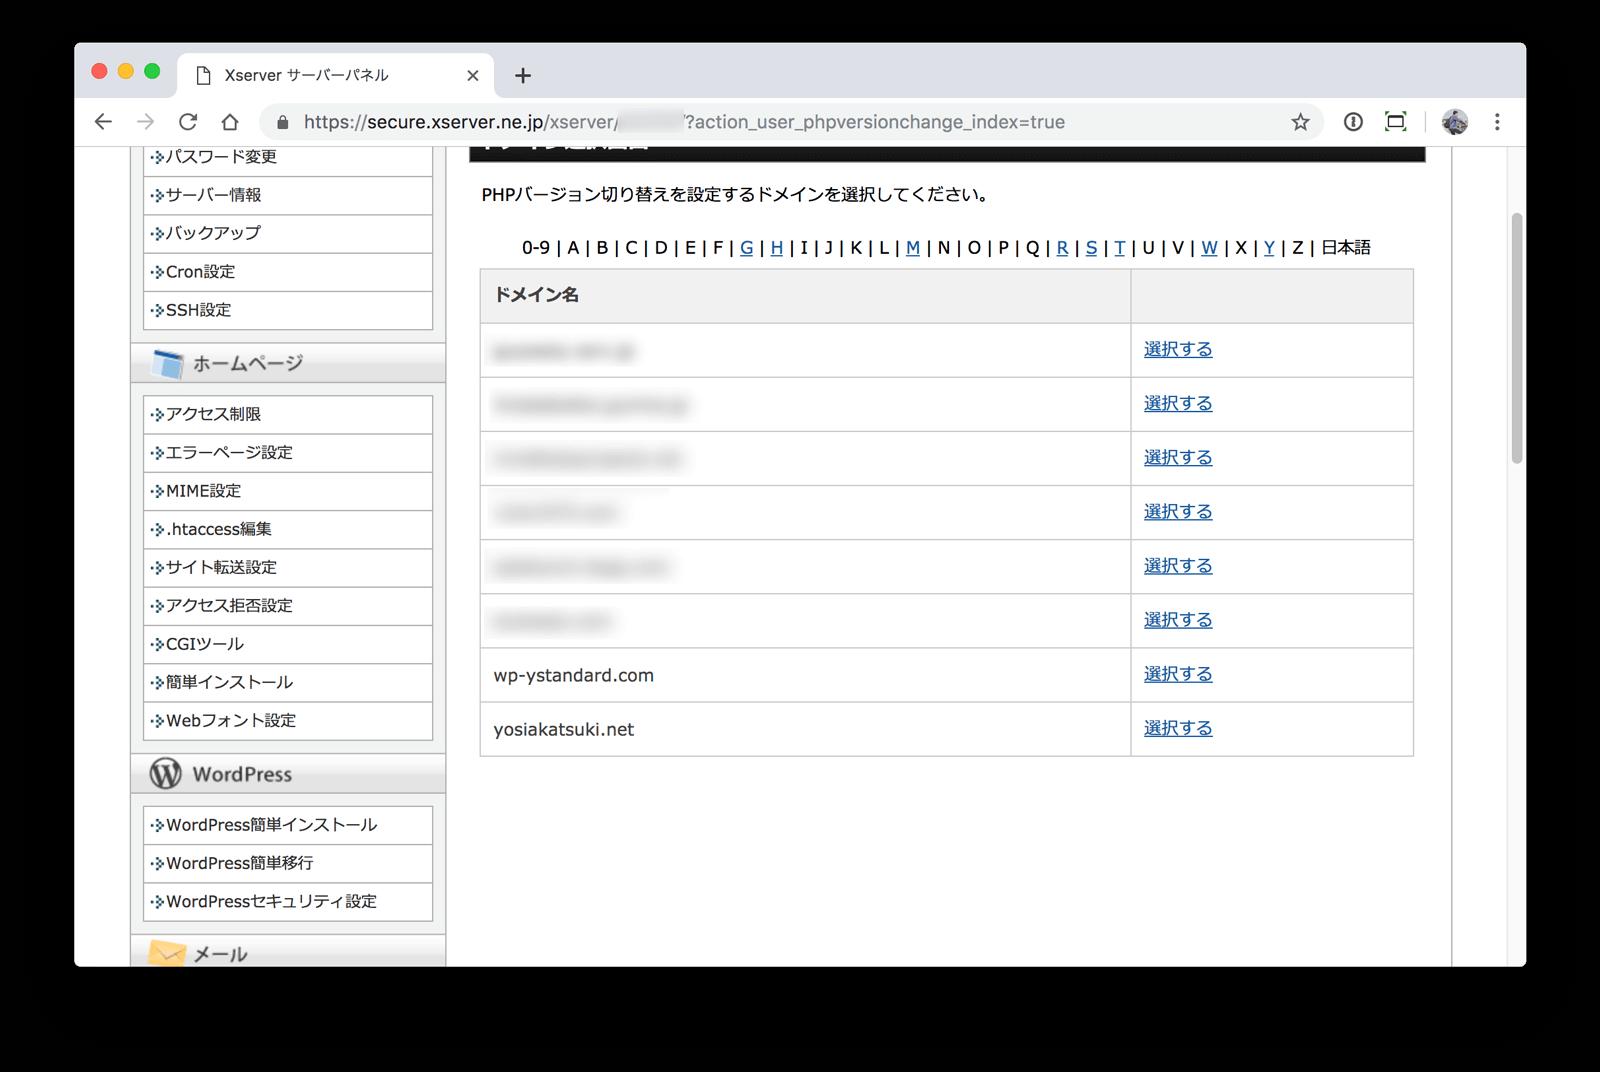 PHPバージョンを切り替えるドメインを選択する